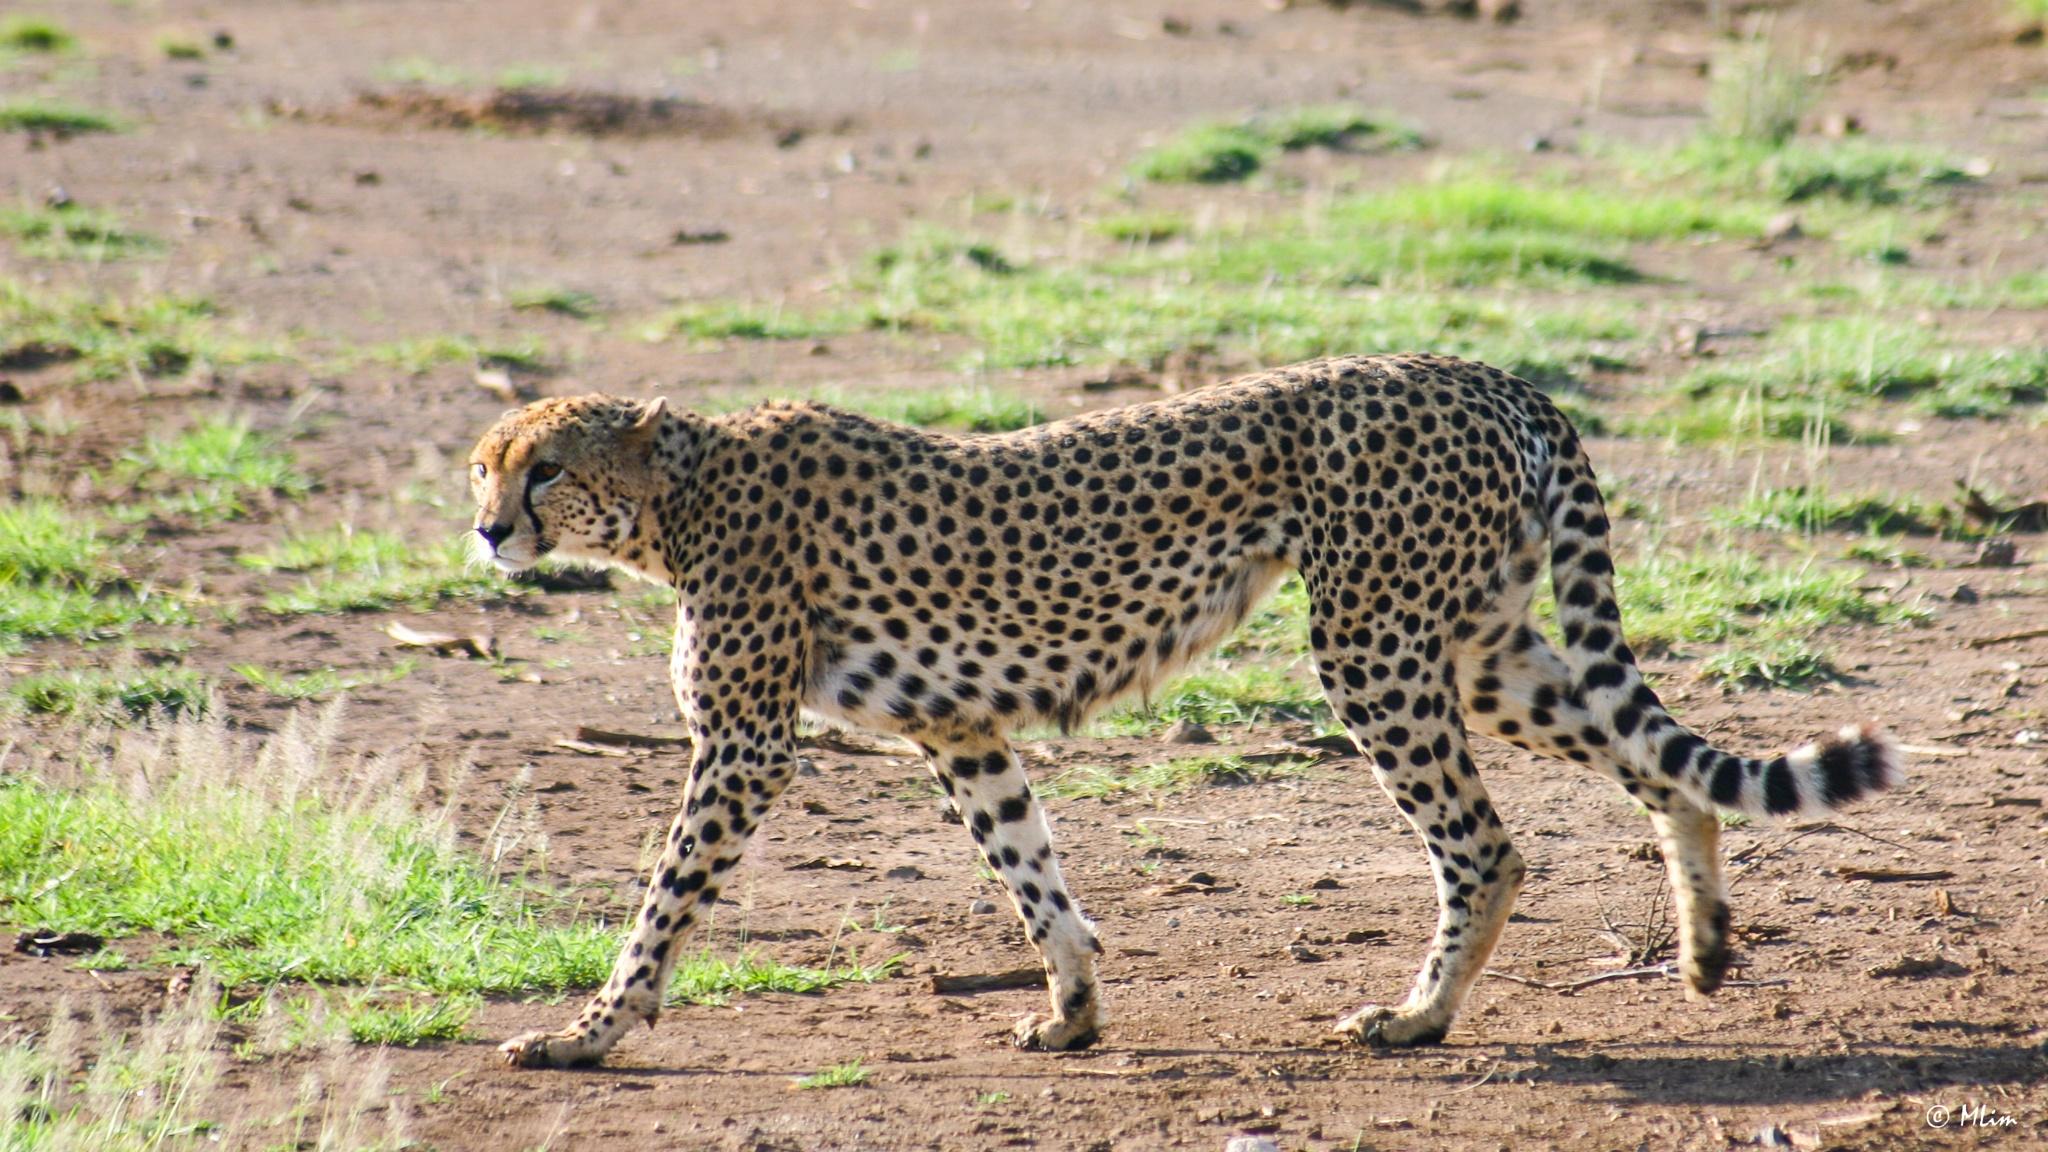 Cheetah by Meng Lim